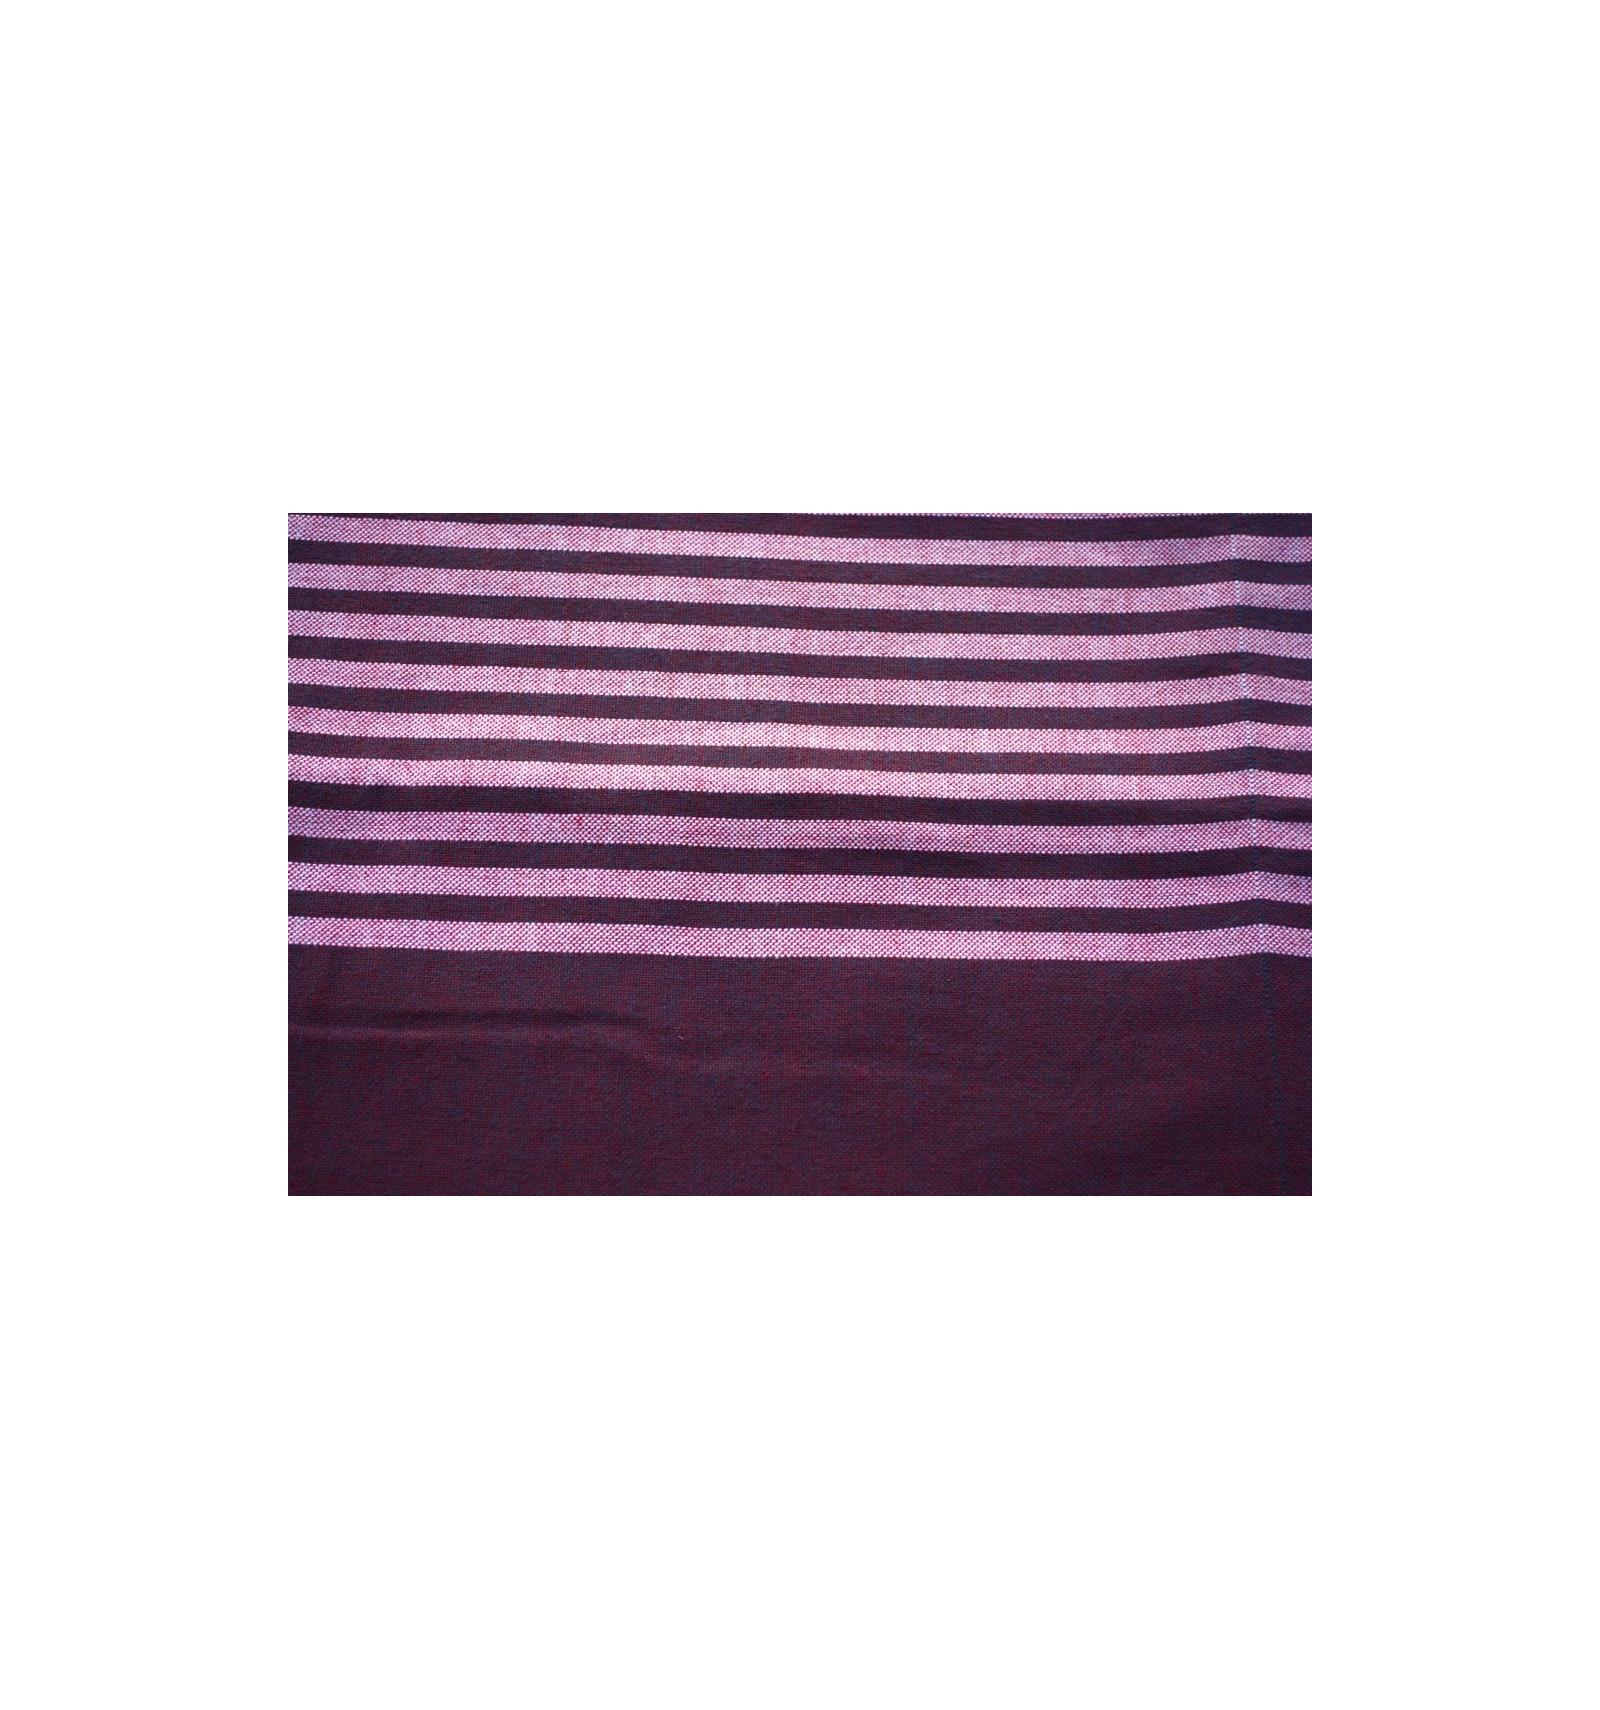 jet de fauteuil ou canap violet. Black Bedroom Furniture Sets. Home Design Ideas